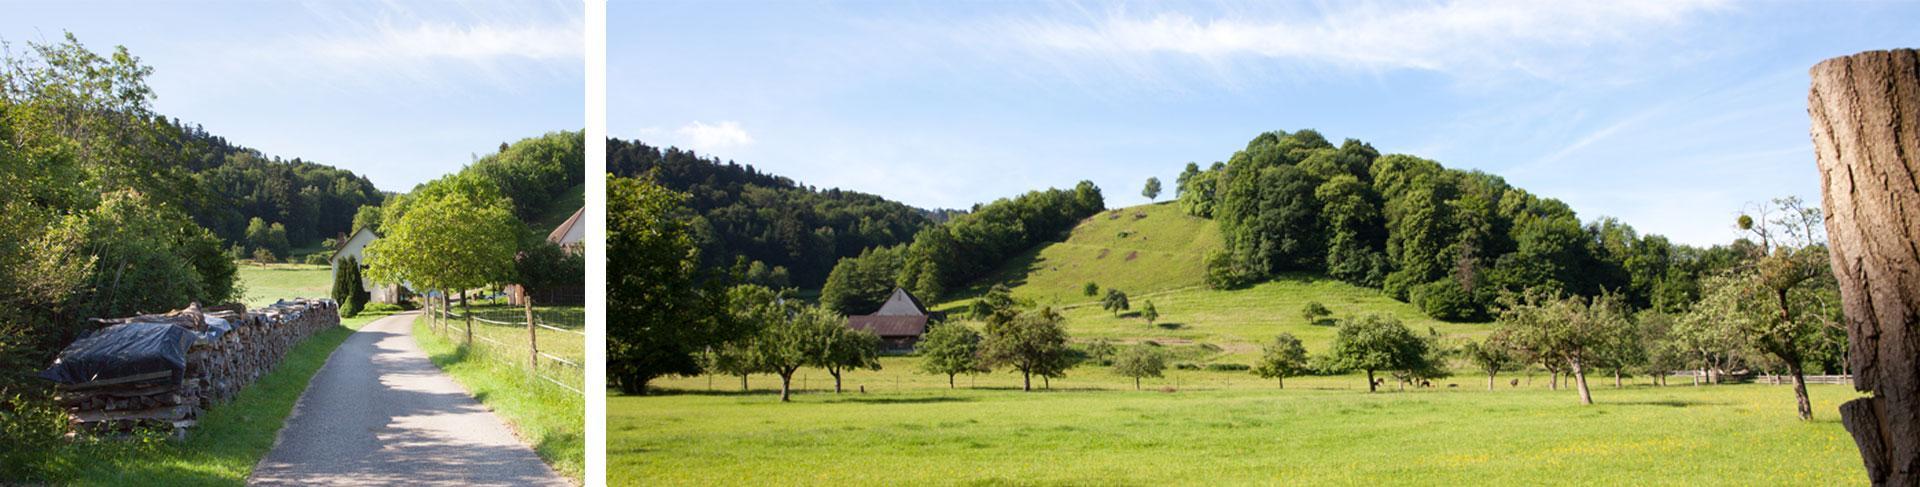 oder bei einem Spaziergang durch das Tal